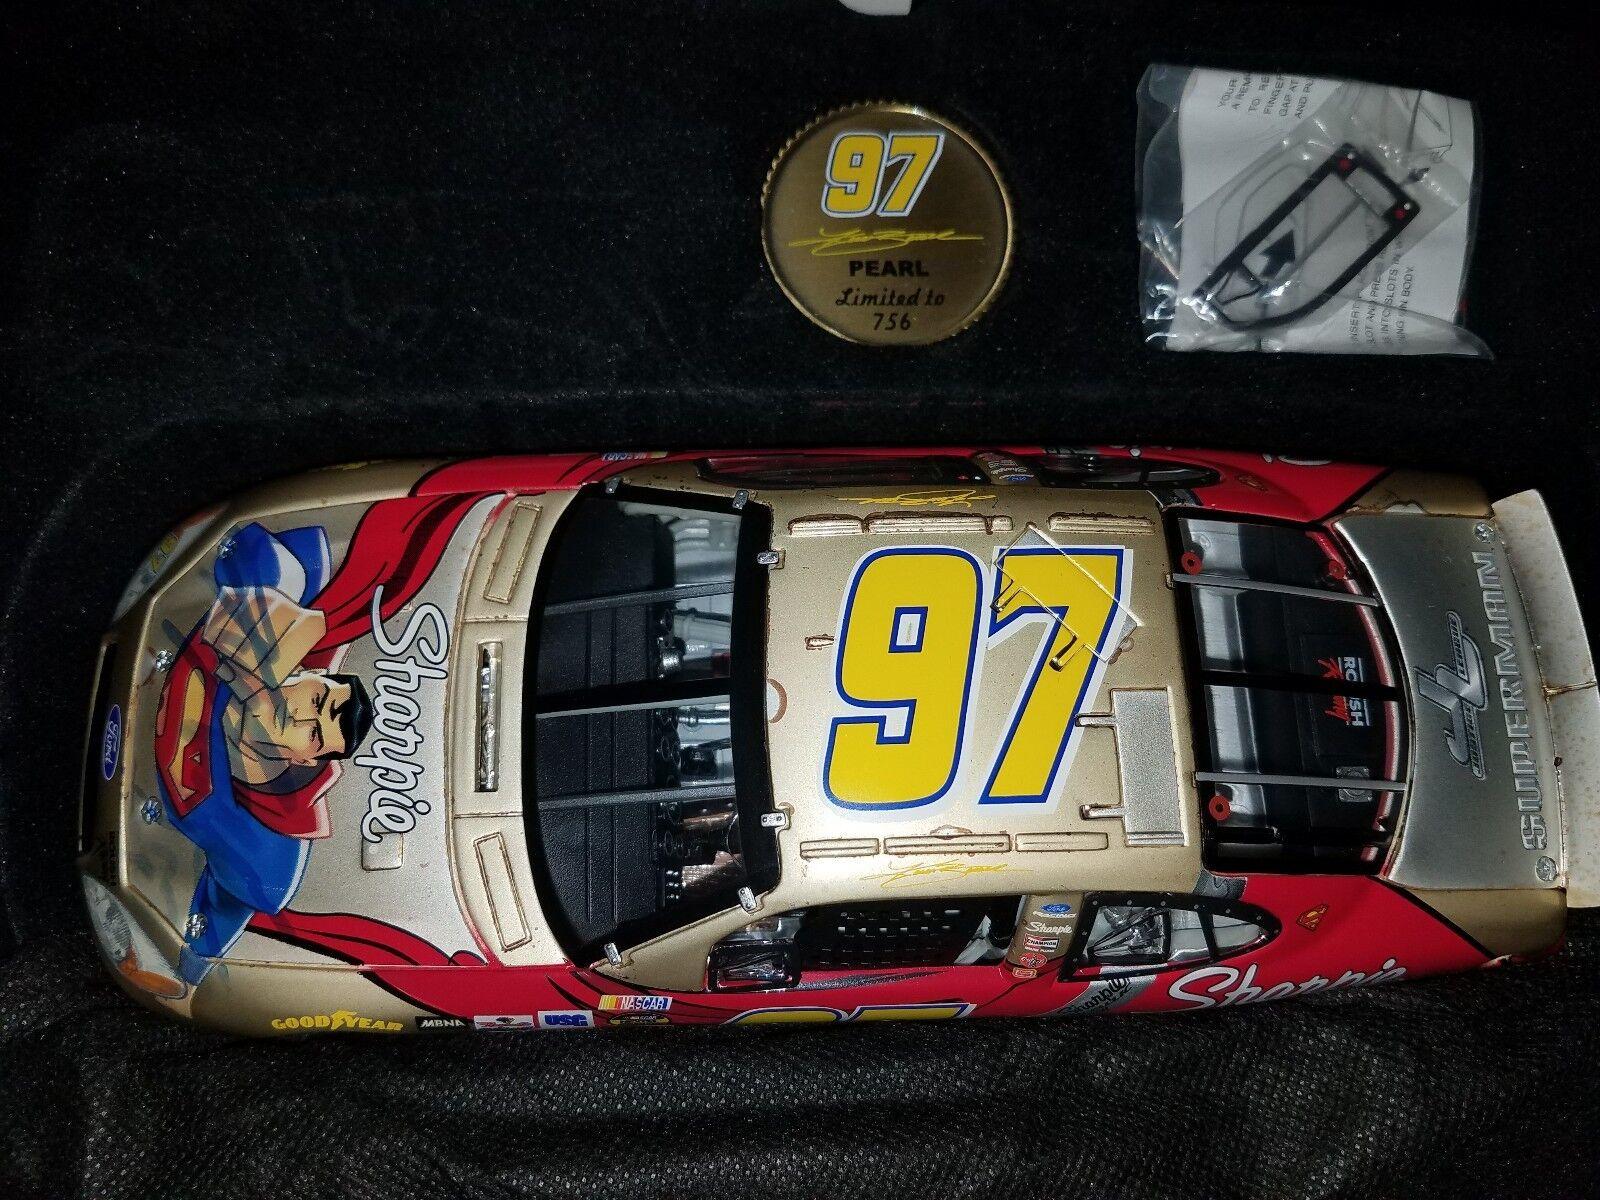 2004 Kurt Busch súperman 1 24 equipo de calibre propietarios Pearl Diecast Raro